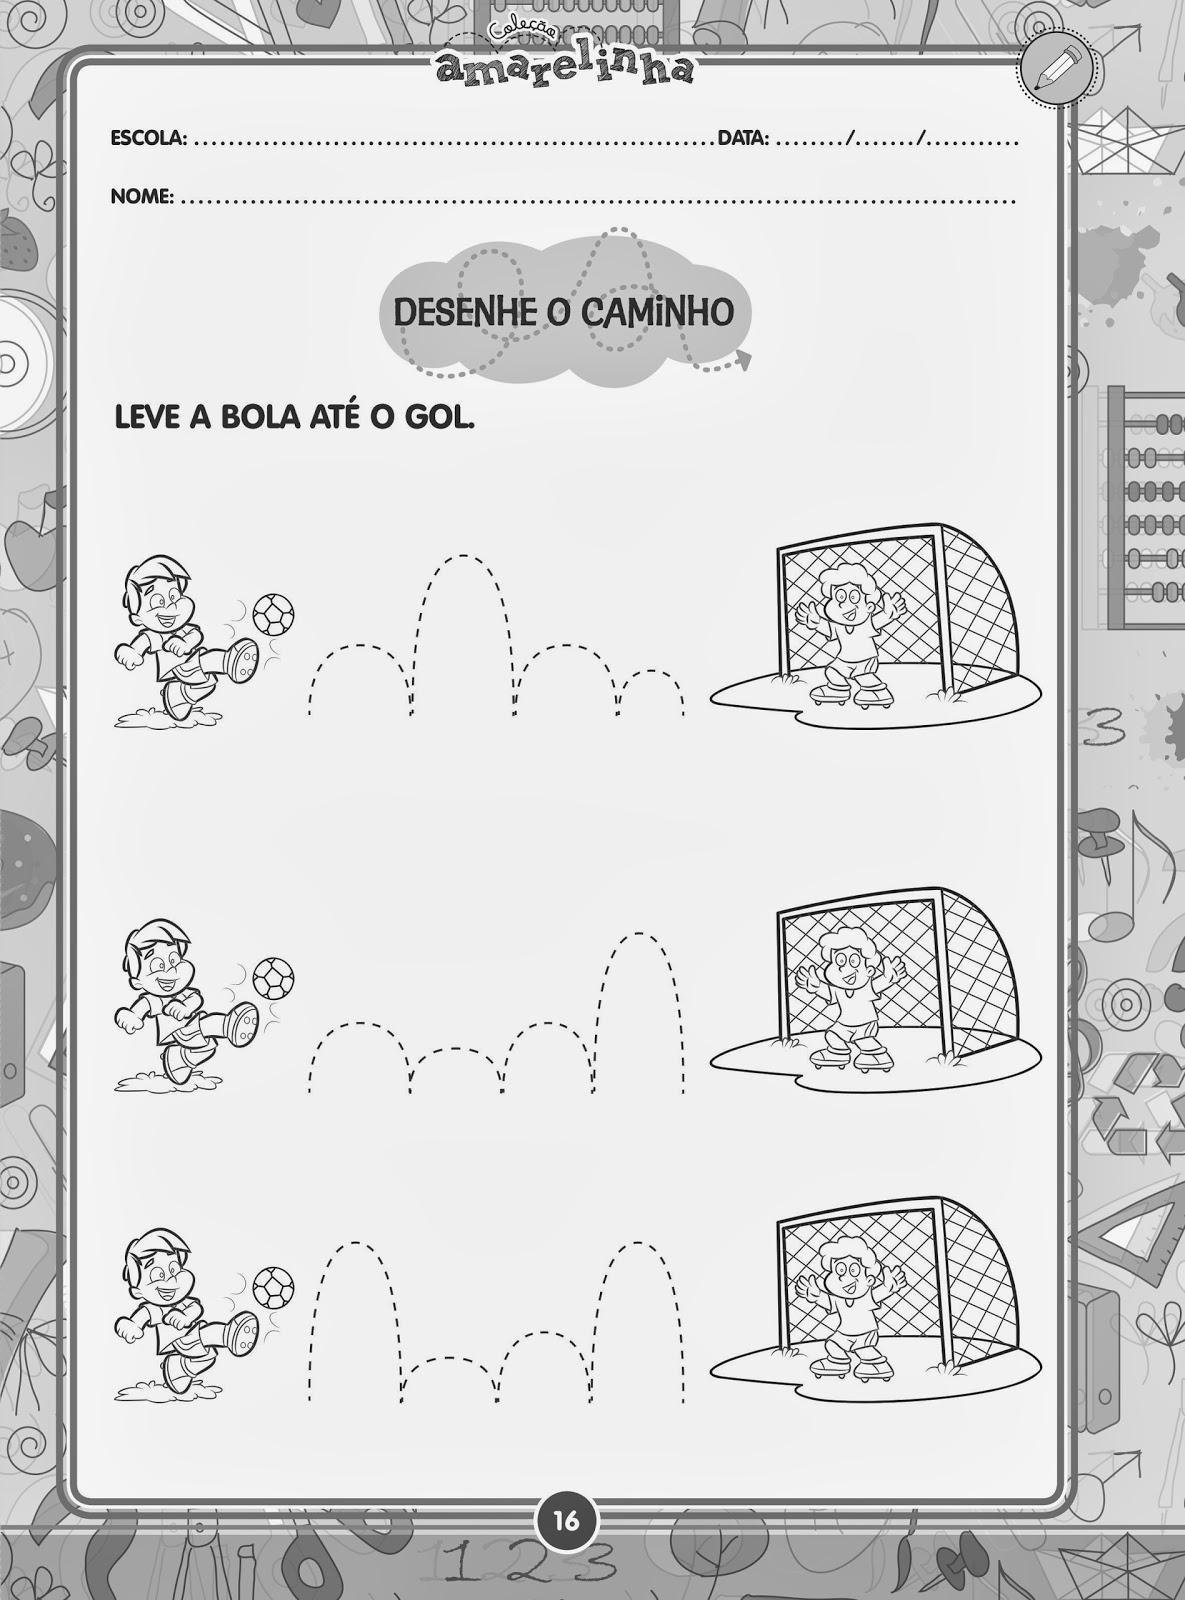 Leve a bola até o gol